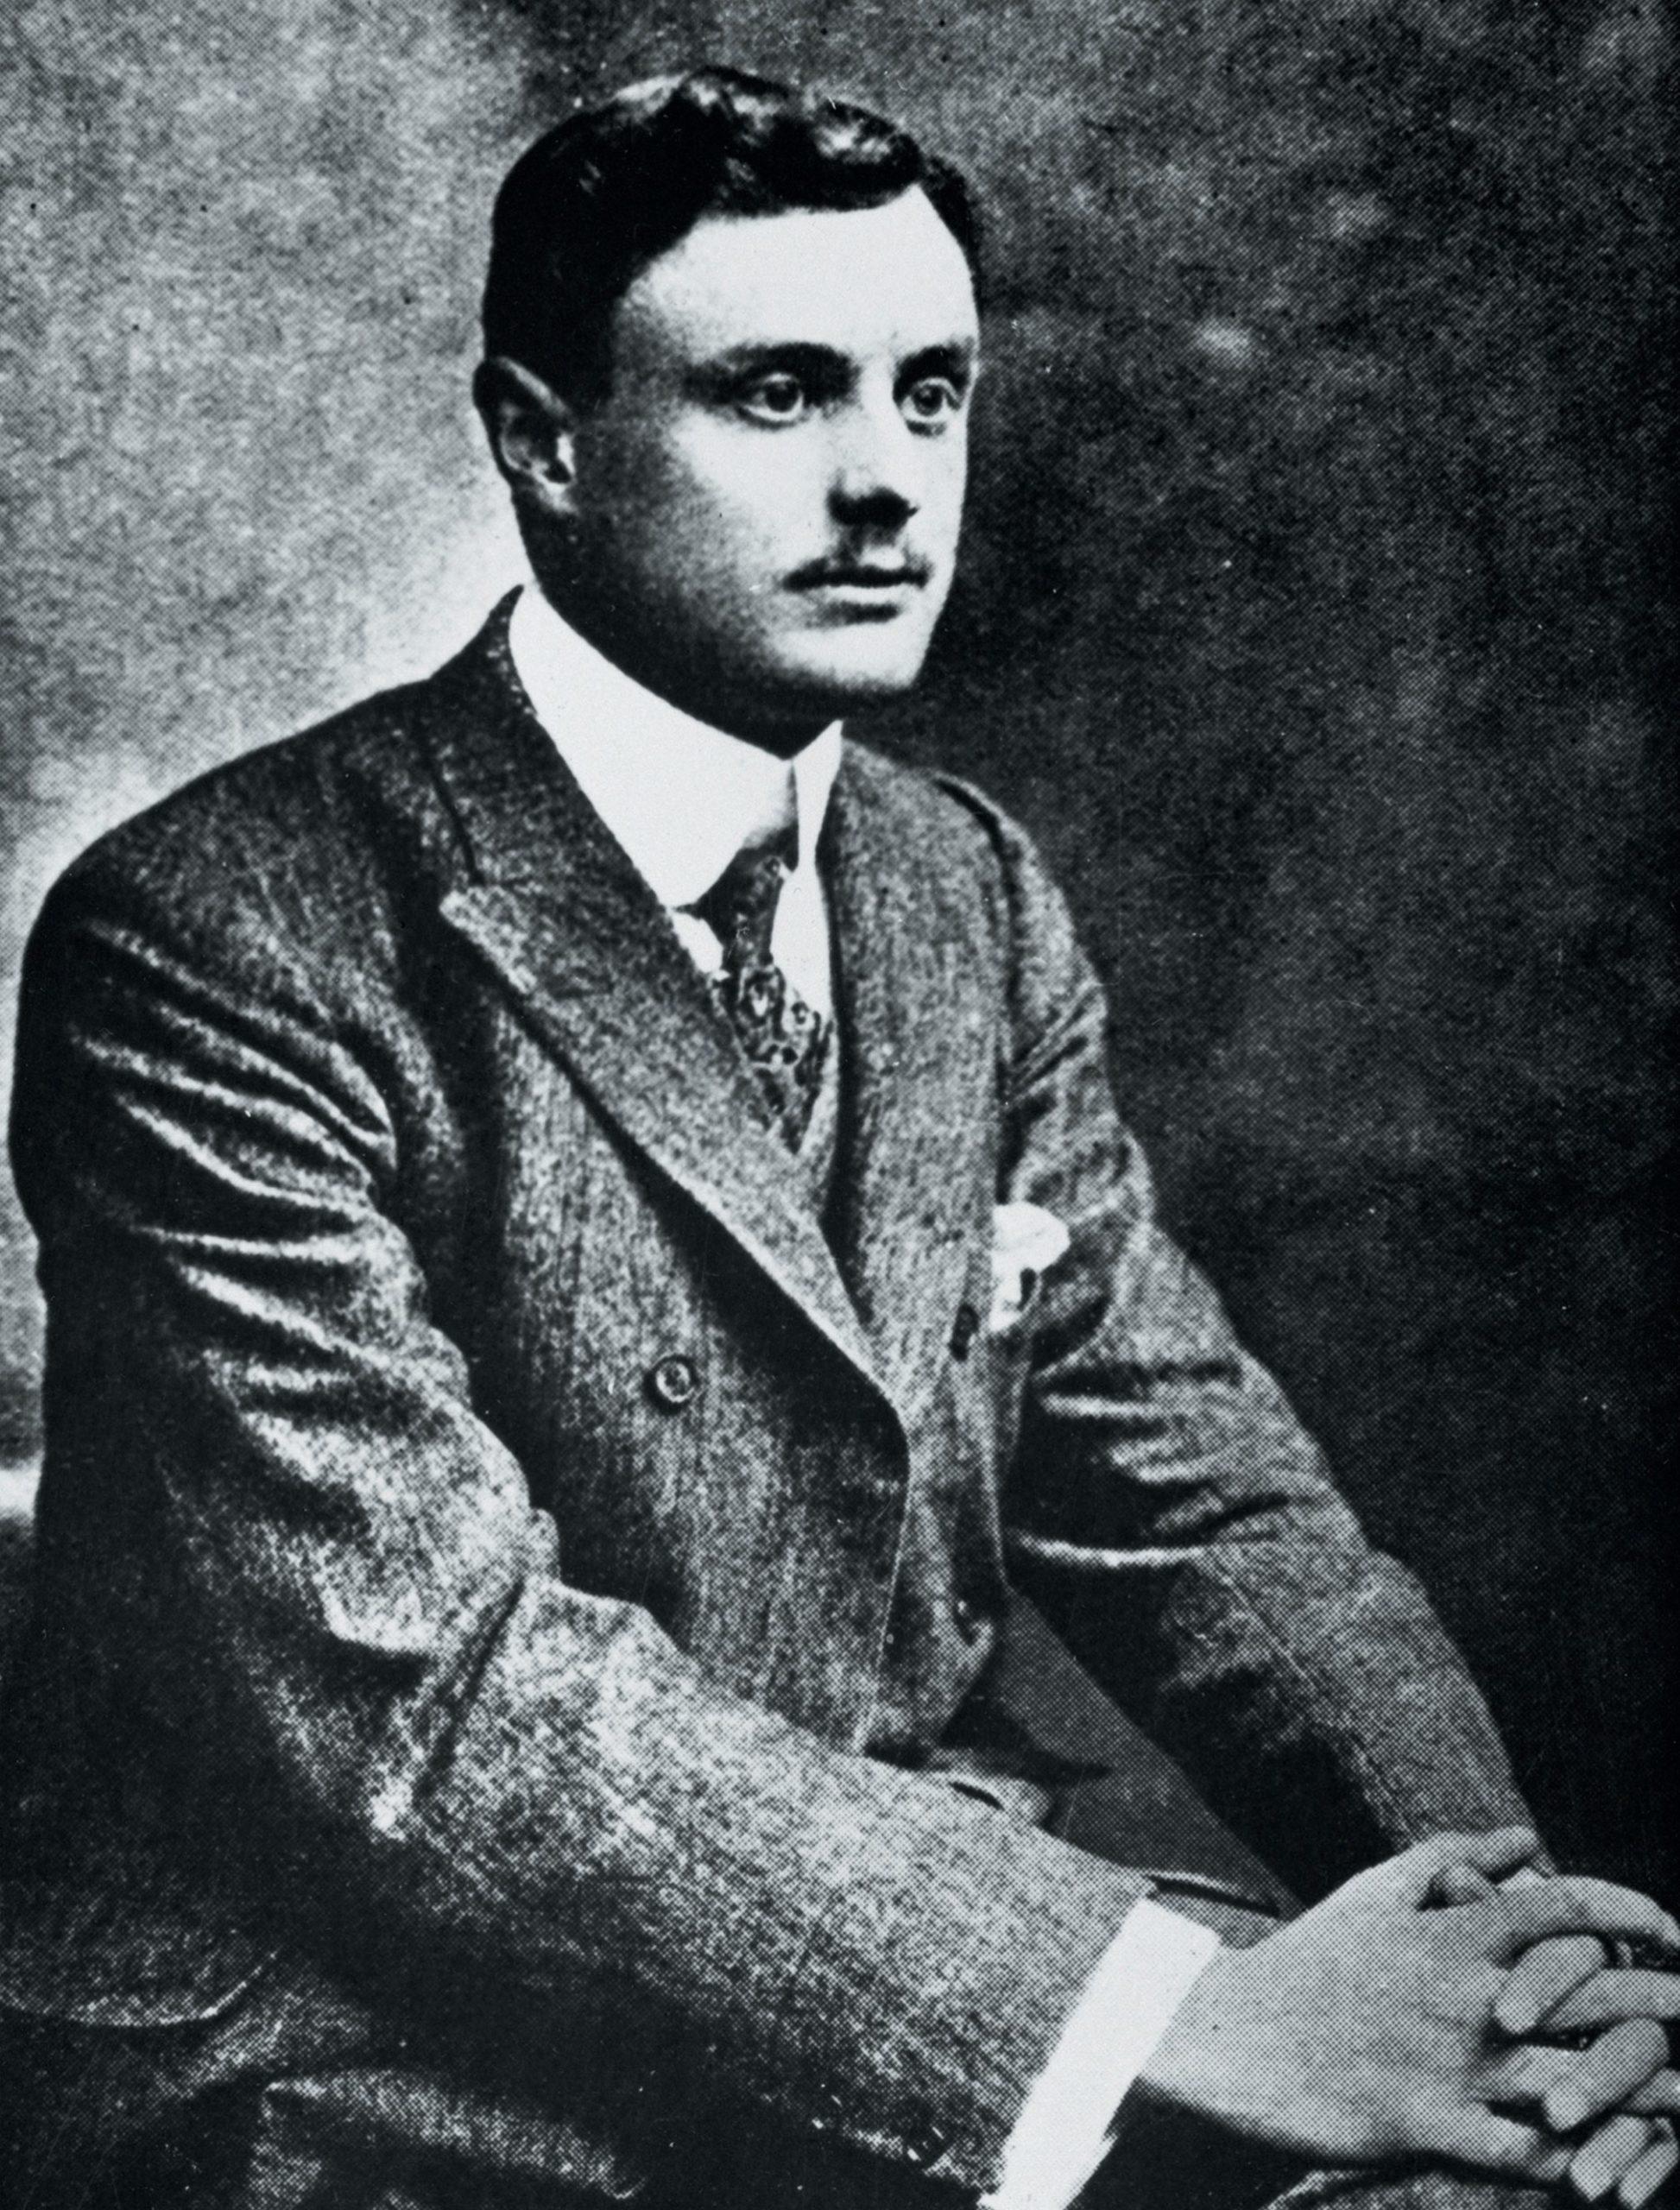 Charles Rolls: True Pioneer